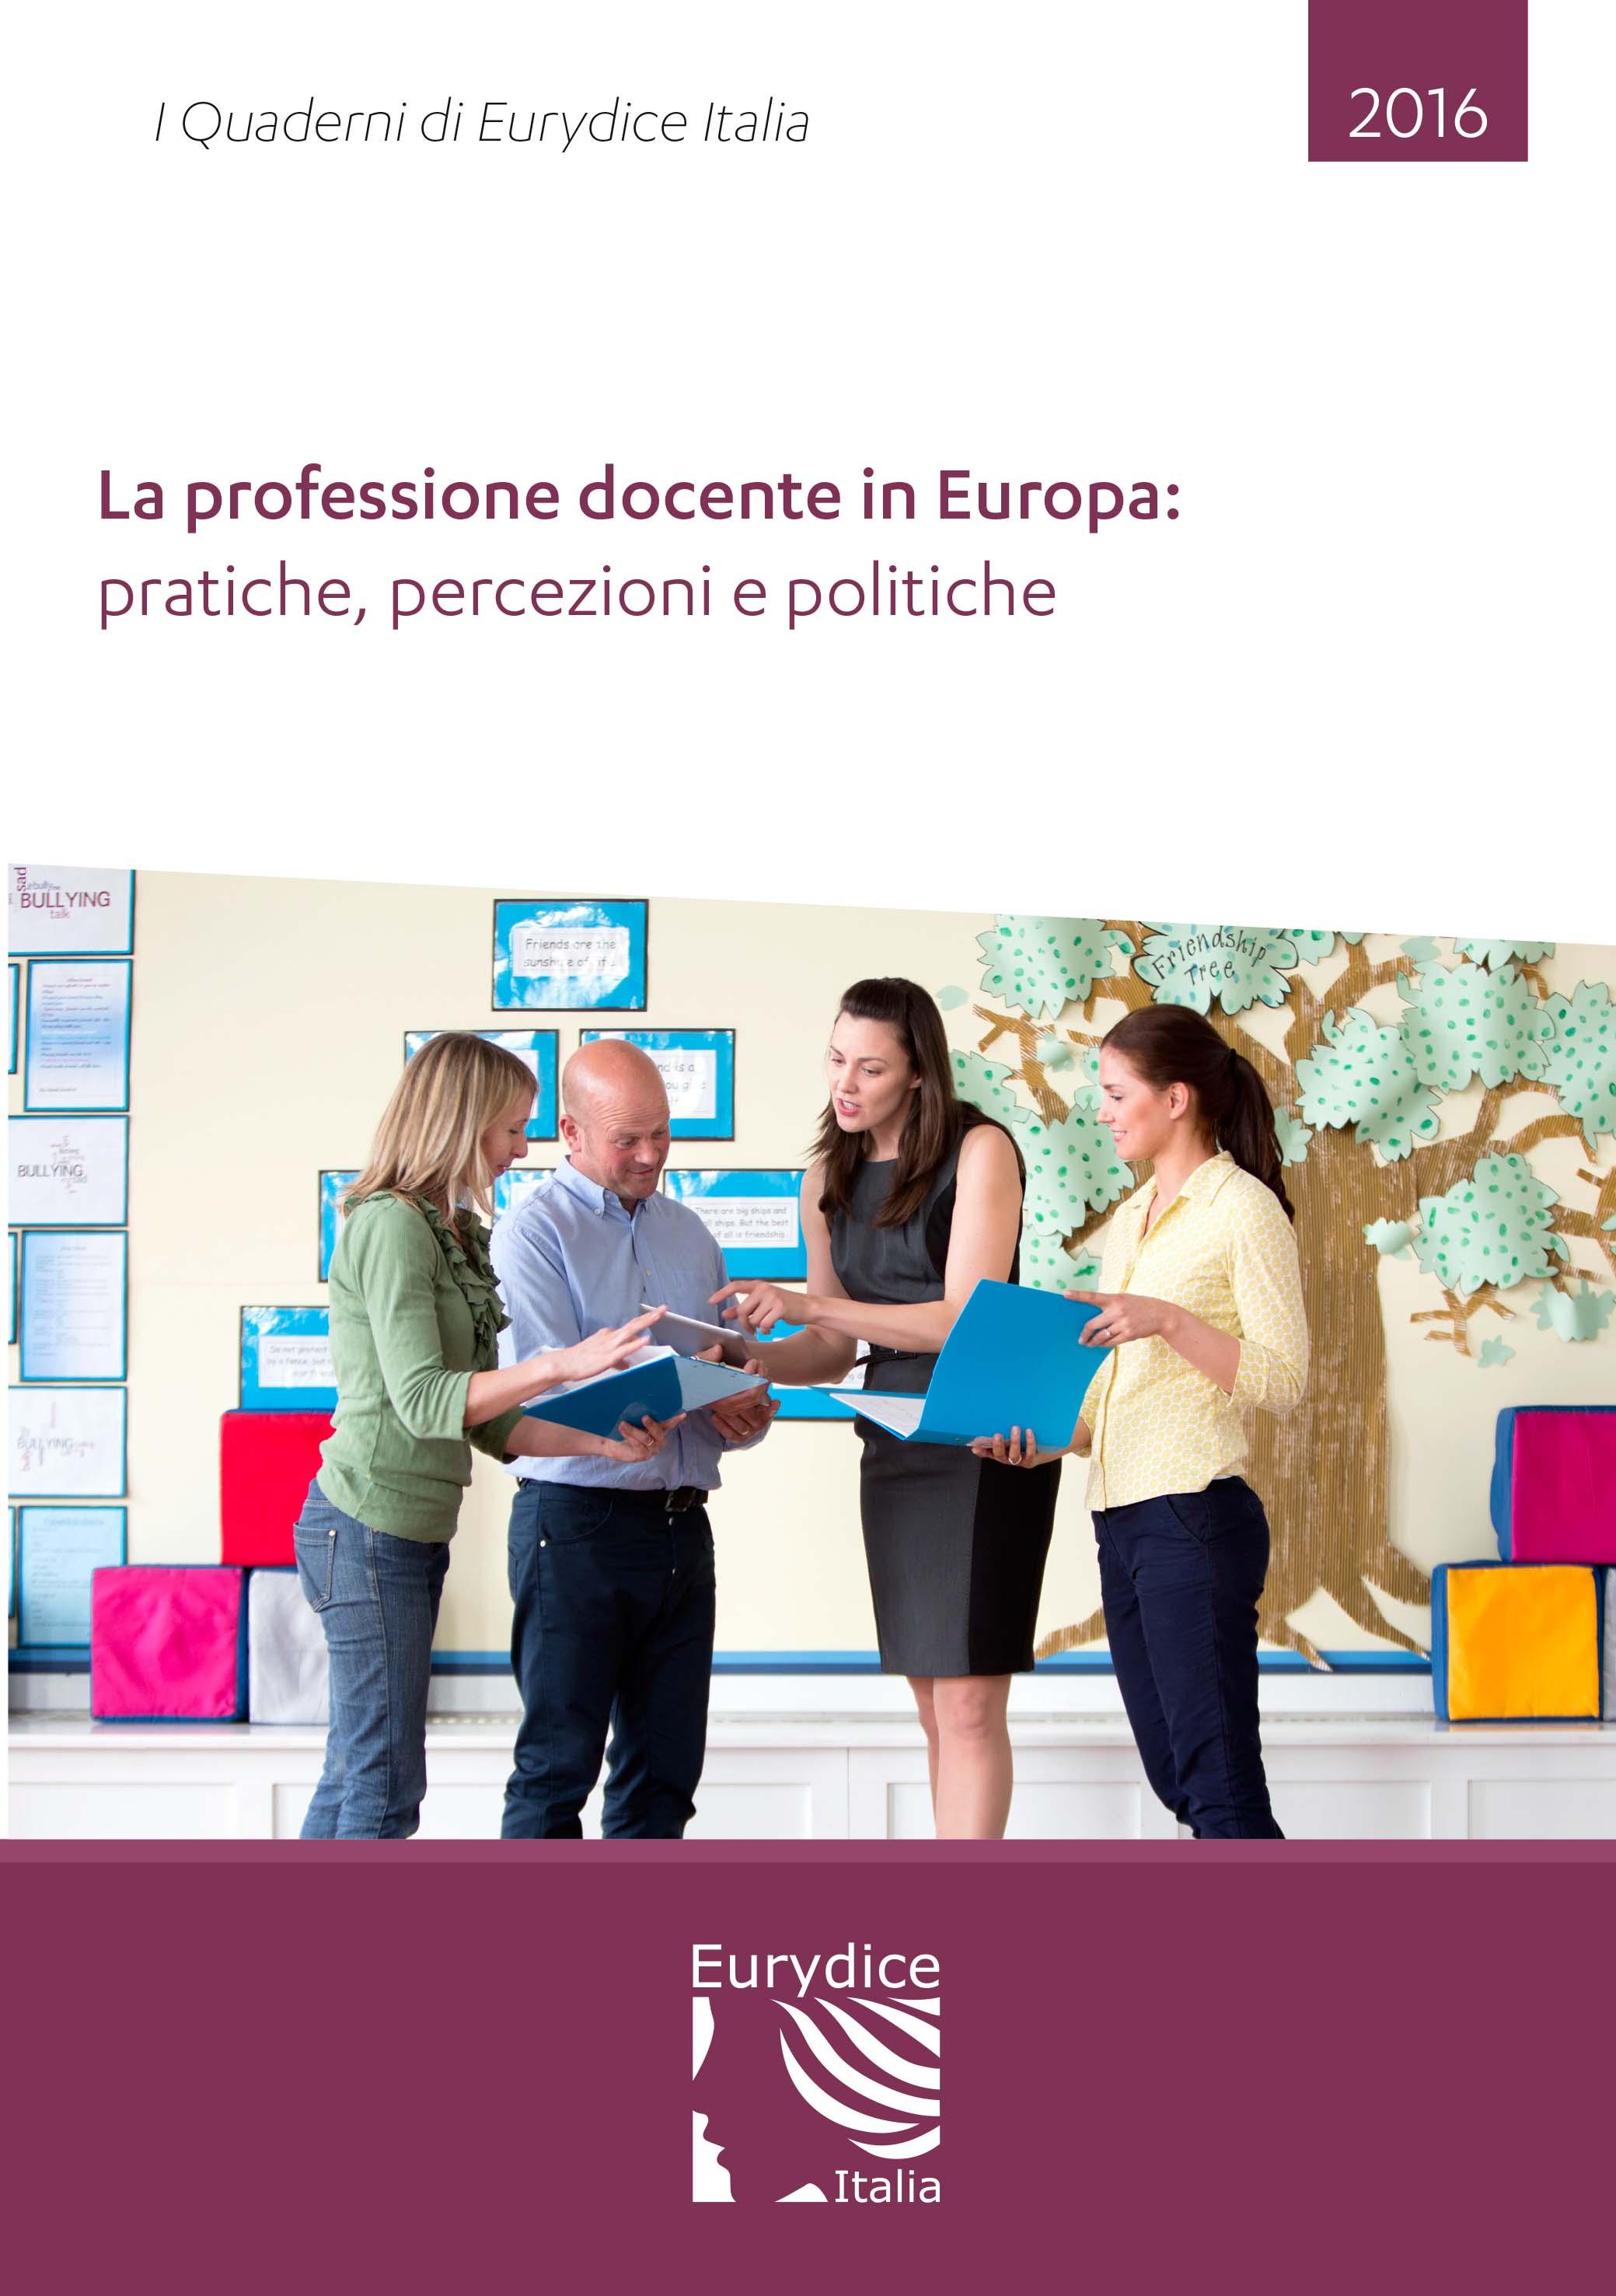 copertina_quaderno_professione_docente